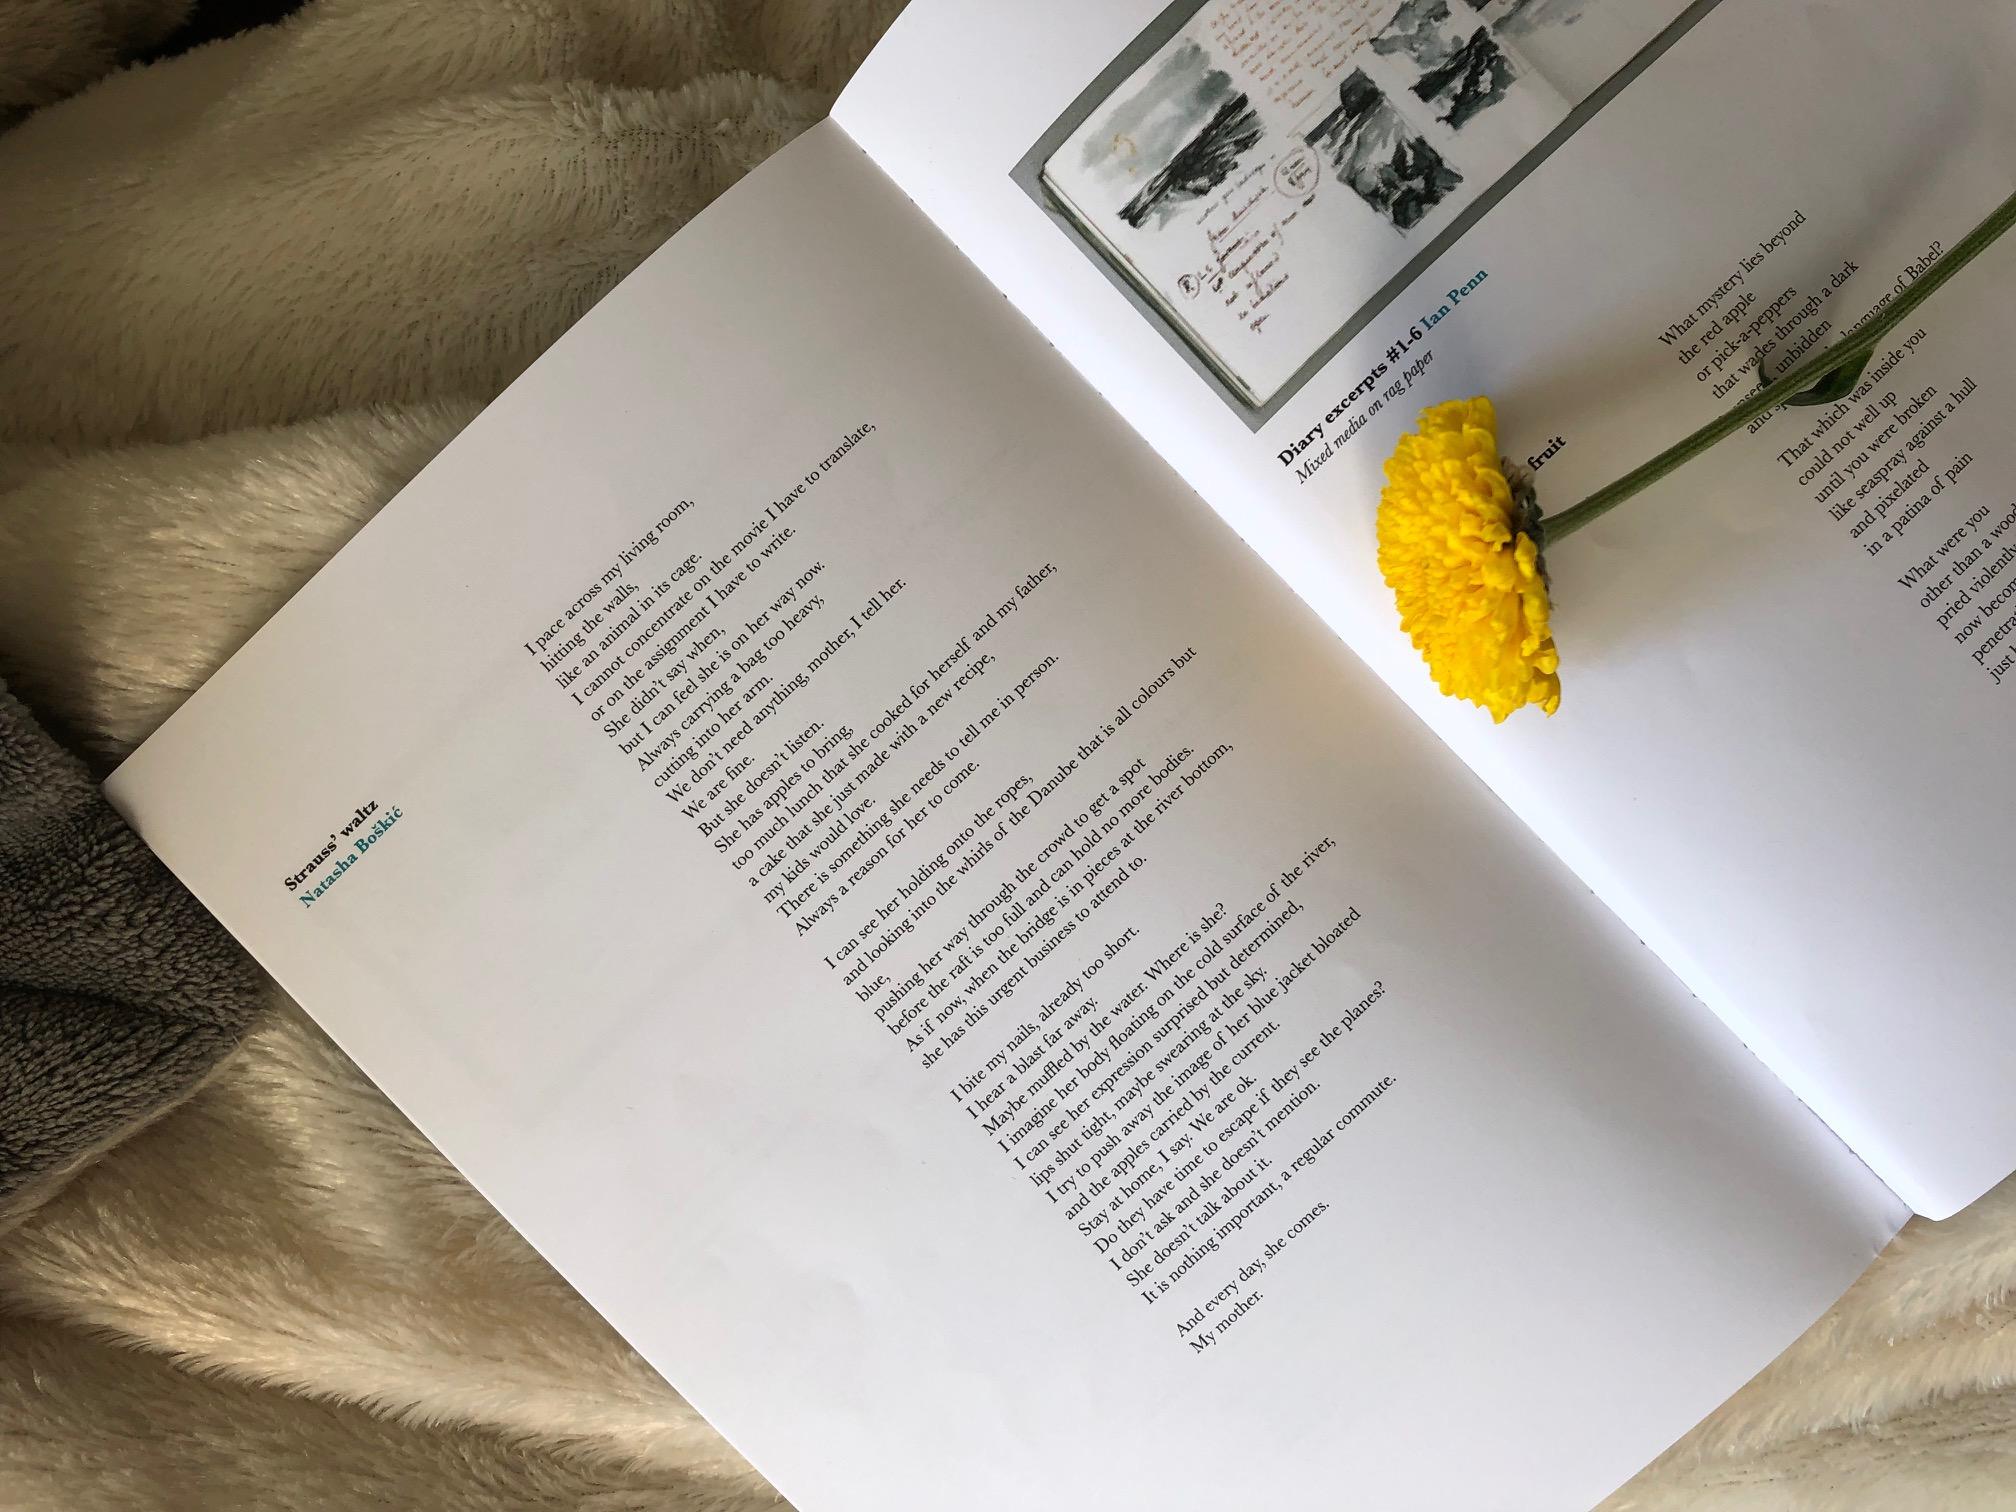 Strauss' Waltz poem